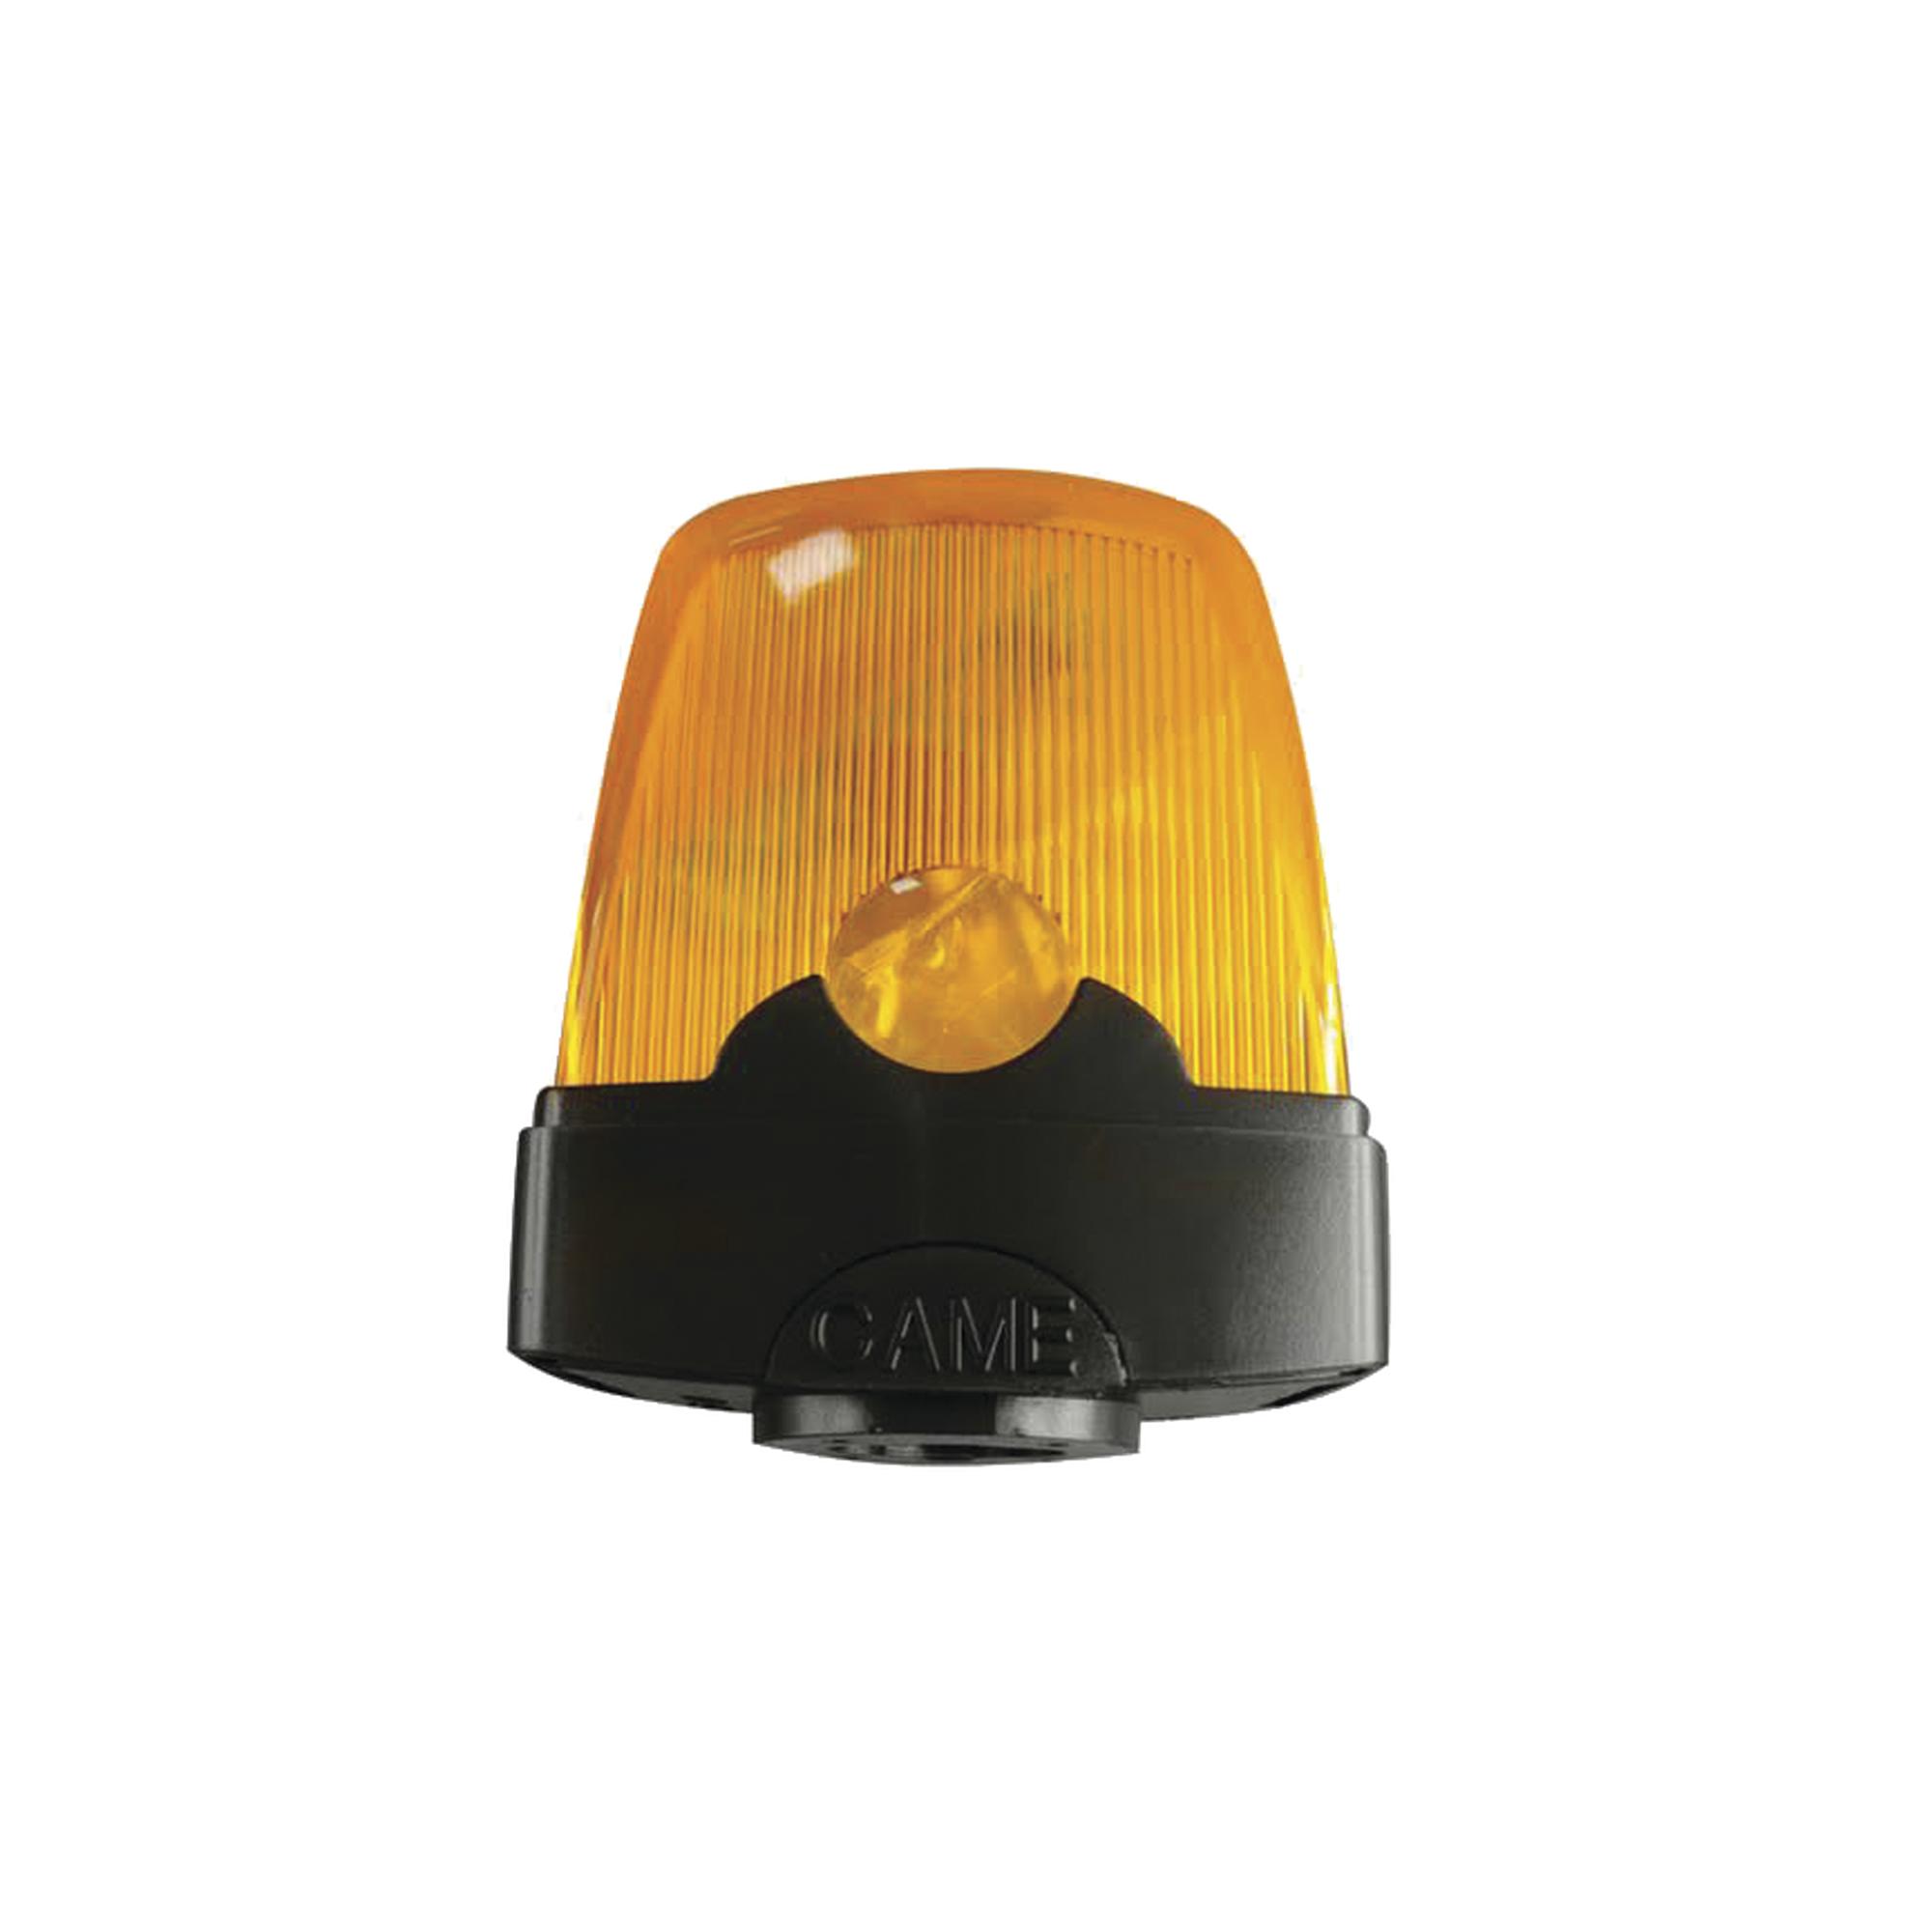 Lámpara para señalización de accesos vehiculares / 24 V / Iluminación LED